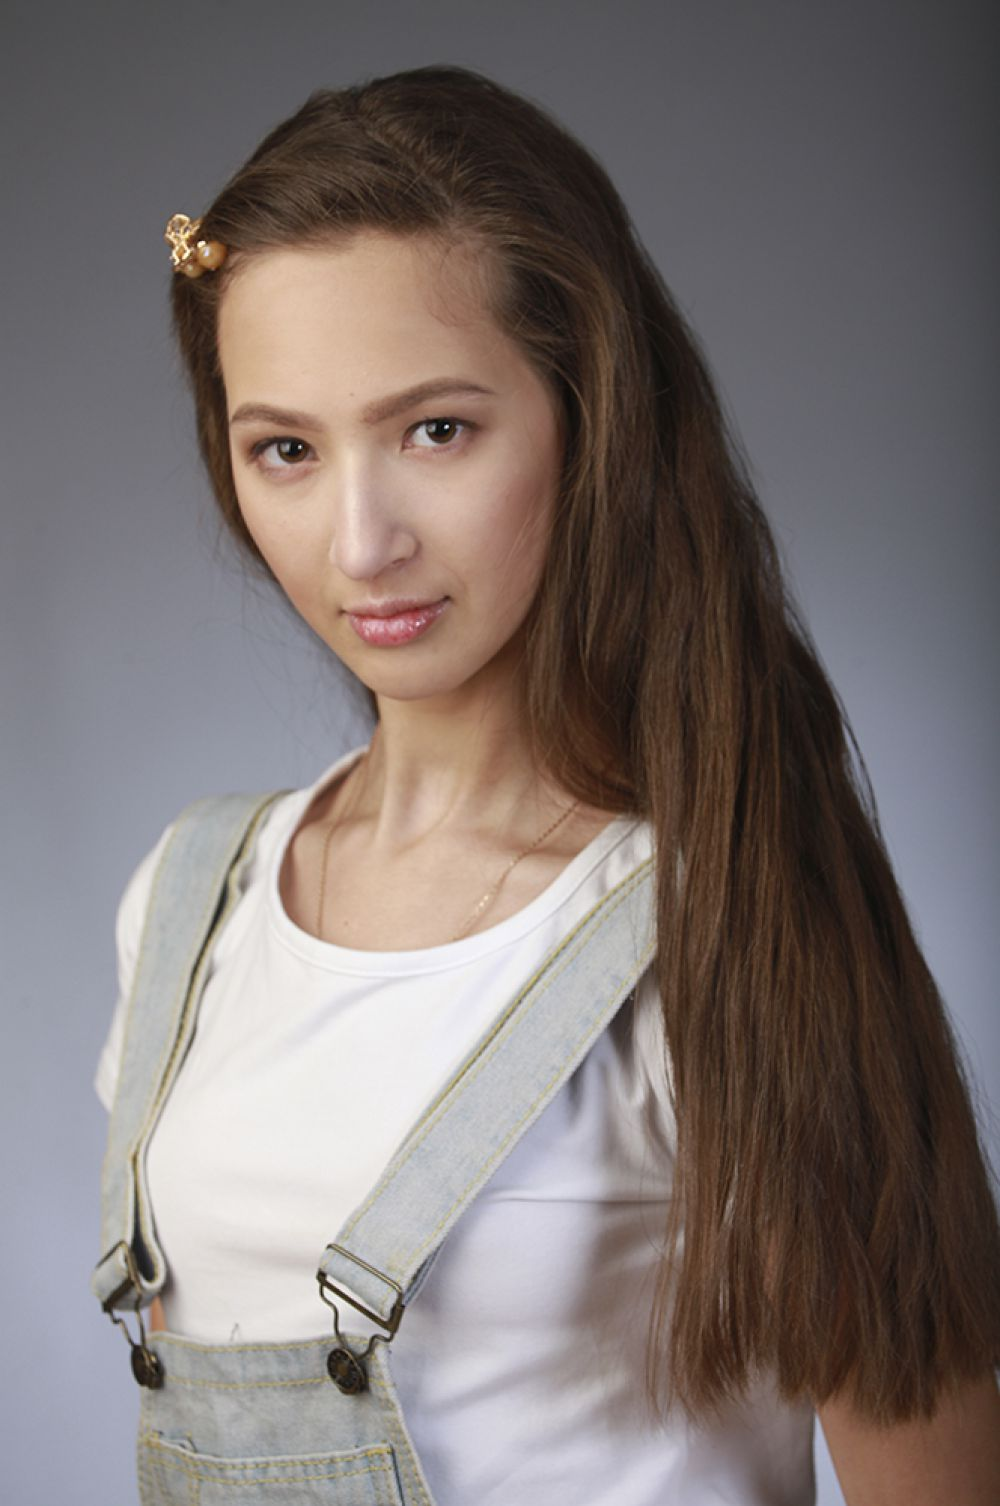 Ангелина Вылегжанина, 12 лет, 6-ой конкурс красоты и талантов «Юная Мисс Вятка-2016».